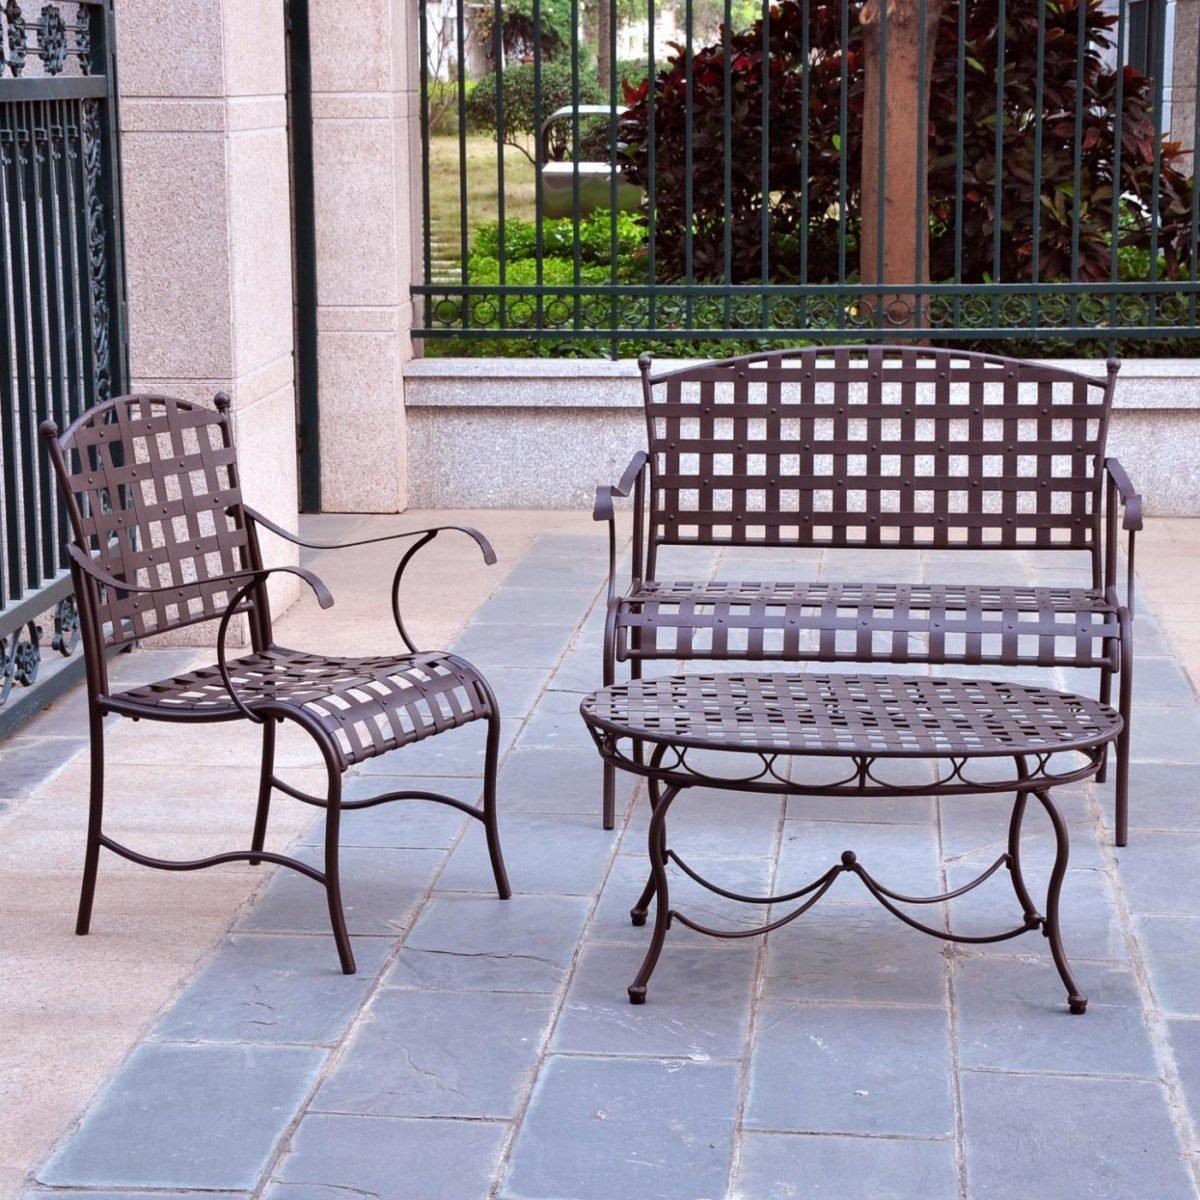 mobili-metallo-ruggine-giardino